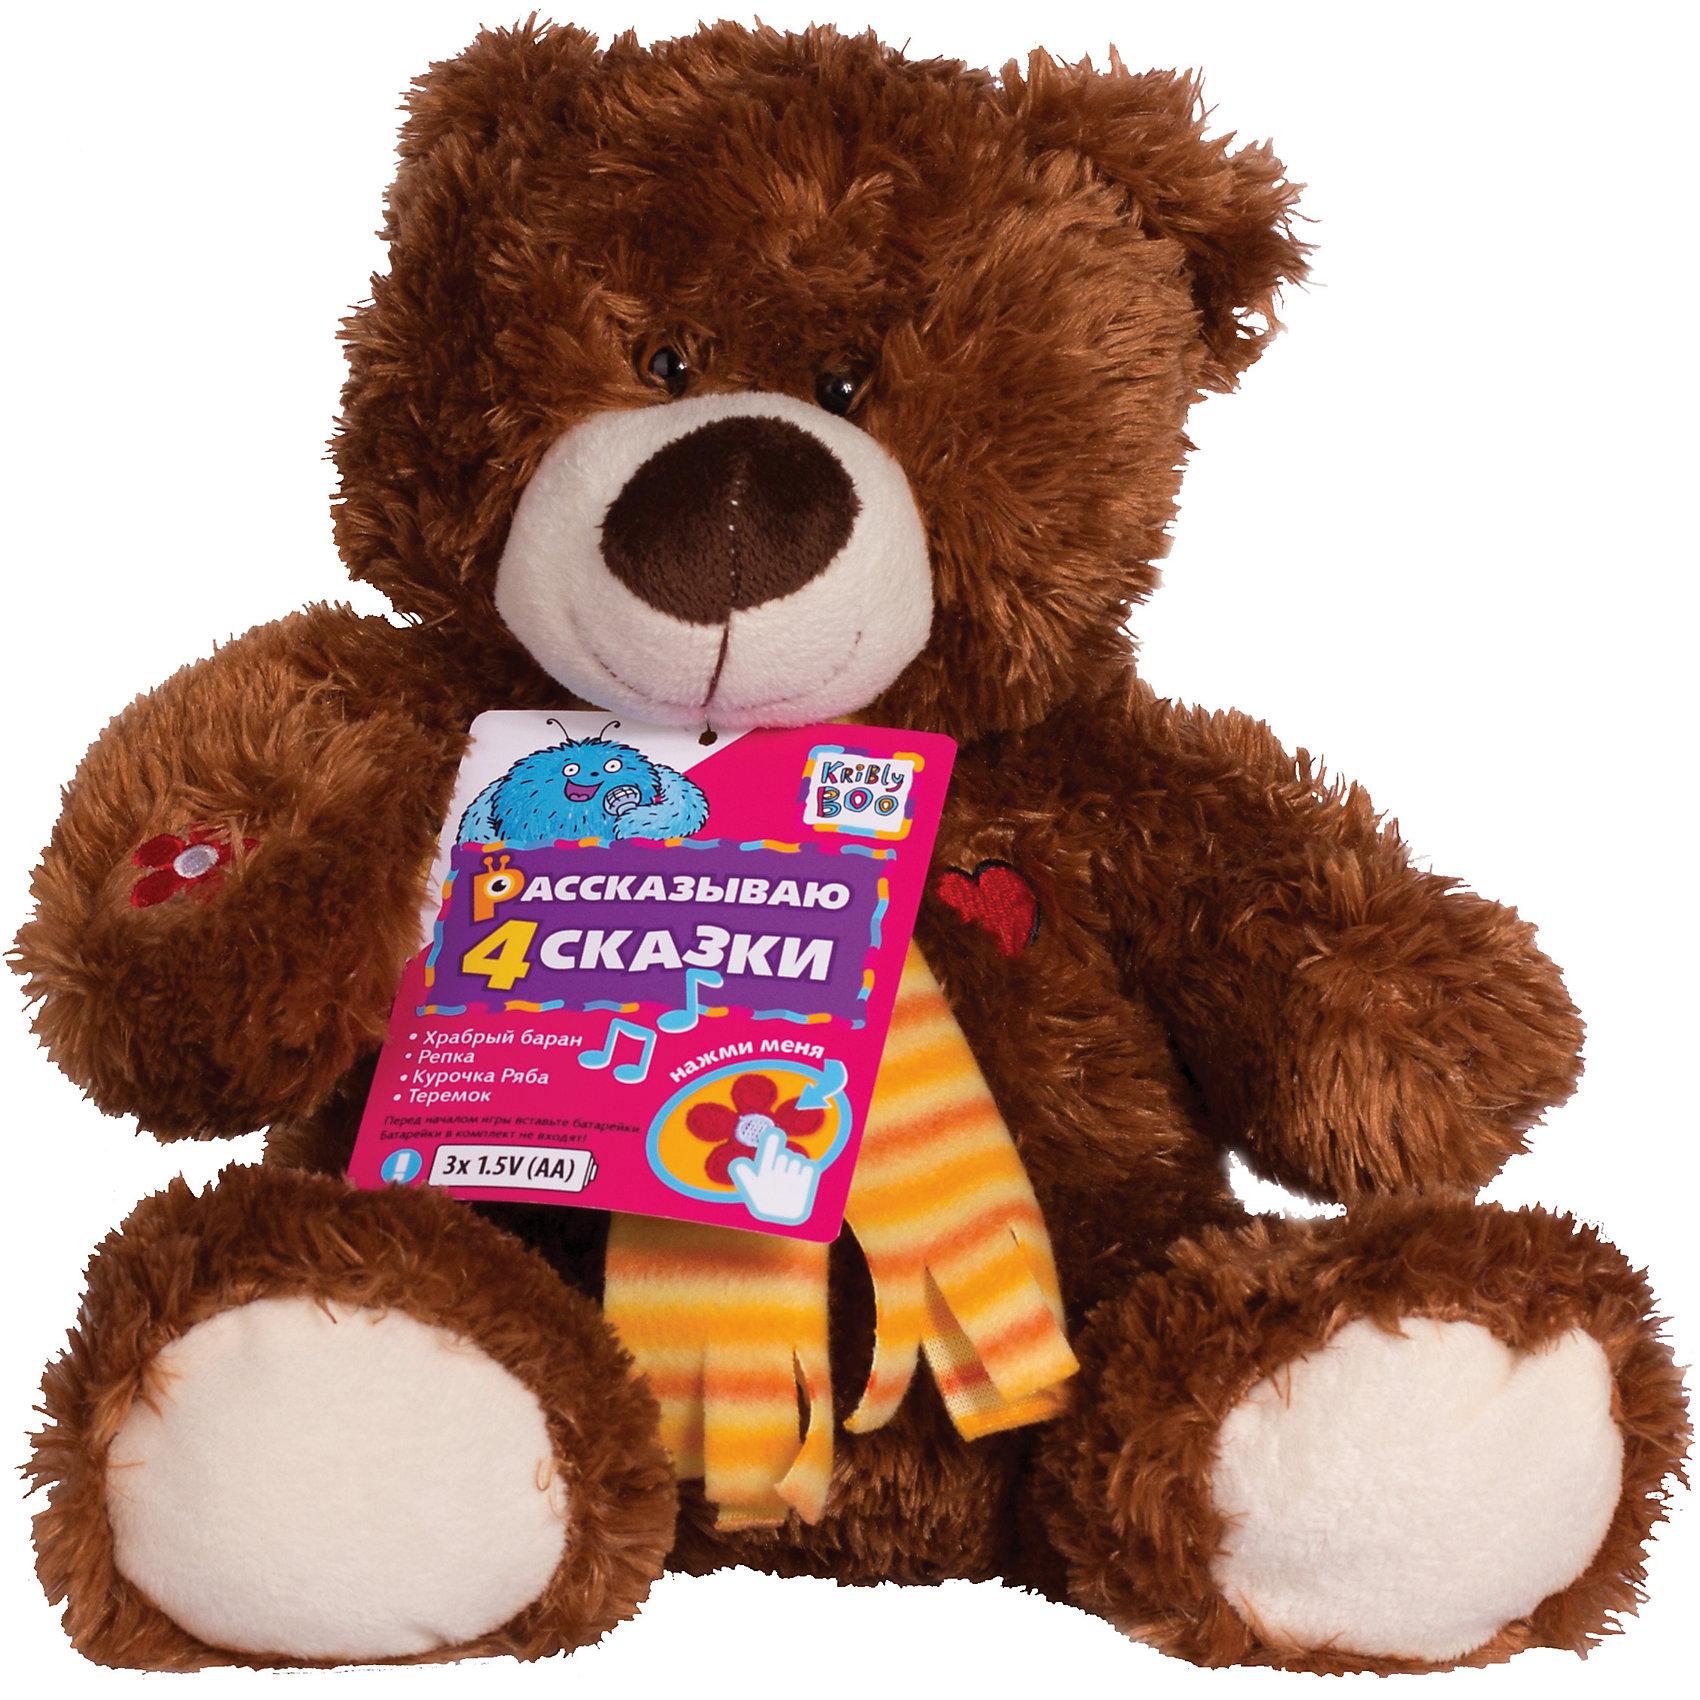 Интерактивная игрушка Шоколадный Мишка, 28 см, Kribly BooИнтерактивные игрушки для малышей<br>Очаровательный медвежонок расскажет малышам сказки и поможет развить словарный запас, память и внимательность. Для того, чтобы мишка рассказал сказку, нужно нажать на вышивку сердечка на груди или на один из вышитых на лапках цветочков. Сказки озвучены профессиональными актерами. Игрушка выполнена из высококачественных материалов, очень приятна на ощупь, абсолютно безопасна для детей. Милый Шоколадный Мишка приведет в восторг любого малыша и станет прекрасным подарком на любой праздник! <br><br>Дополнительная информация:<br><br>- Материал: текстиль, искусственный мех, пластик. <br>- Размер: 28 см.<br>- 4 сказки: «Курочка Ряба», «Репка», «Теремок» и «Храбрый баран». <br>- Элемент питания: 3 АА батарейки (не входят в комплект).<br><br>Интерактивную игрушку Шоколадный Мишка, 28 см, Kribly Boo (Крибли Бу) можно купить в нашем магазине.<br><br>Ширина мм: 280<br>Глубина мм: 140<br>Высота мм: 260<br>Вес г: 375<br>Возраст от месяцев: 36<br>Возраст до месяцев: 84<br>Пол: Унисекс<br>Возраст: Детский<br>SKU: 4515336